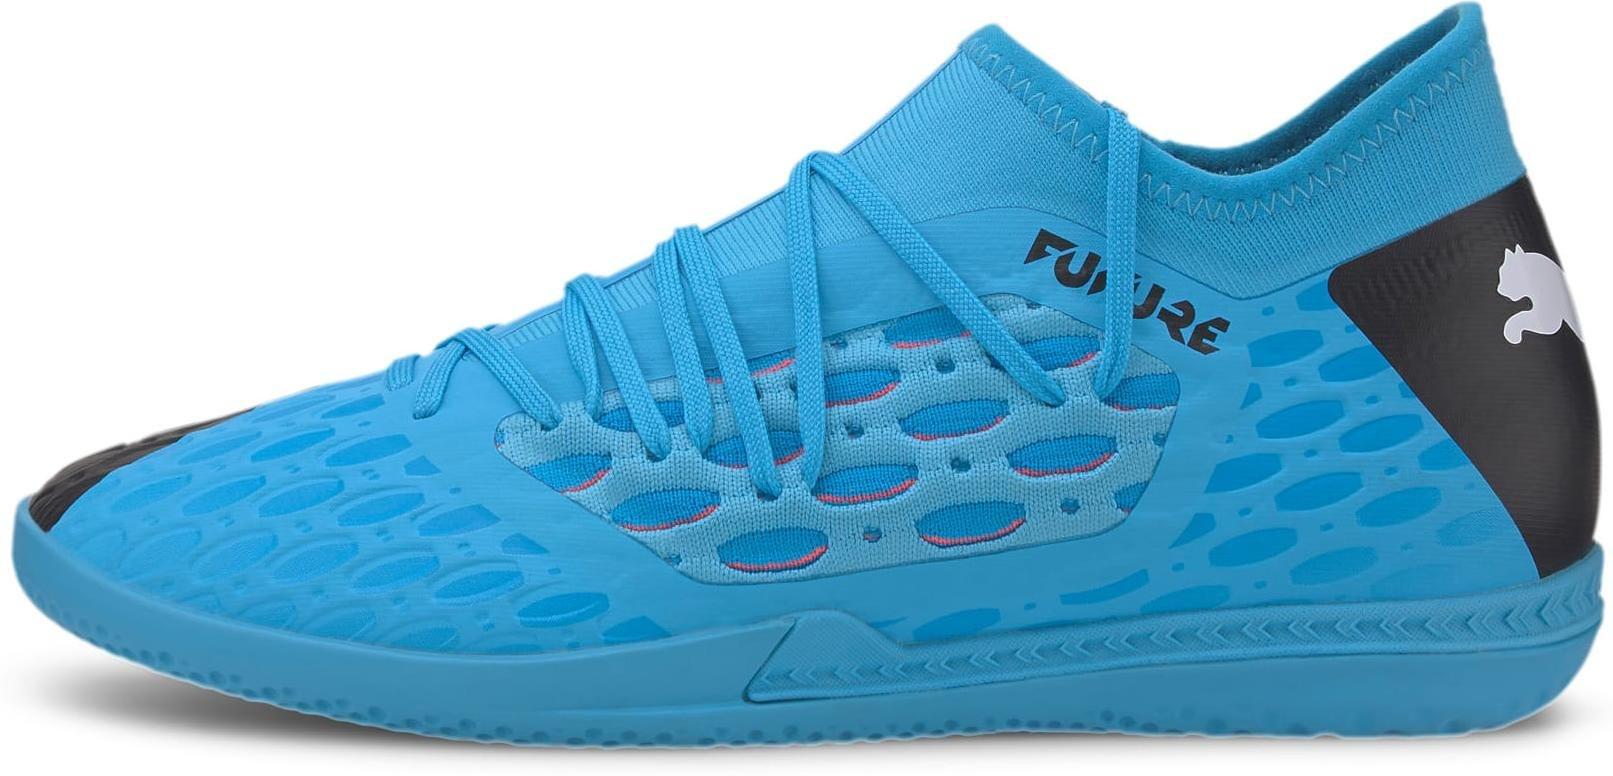 Indoor/court shoes Puma FUTURE 5.3